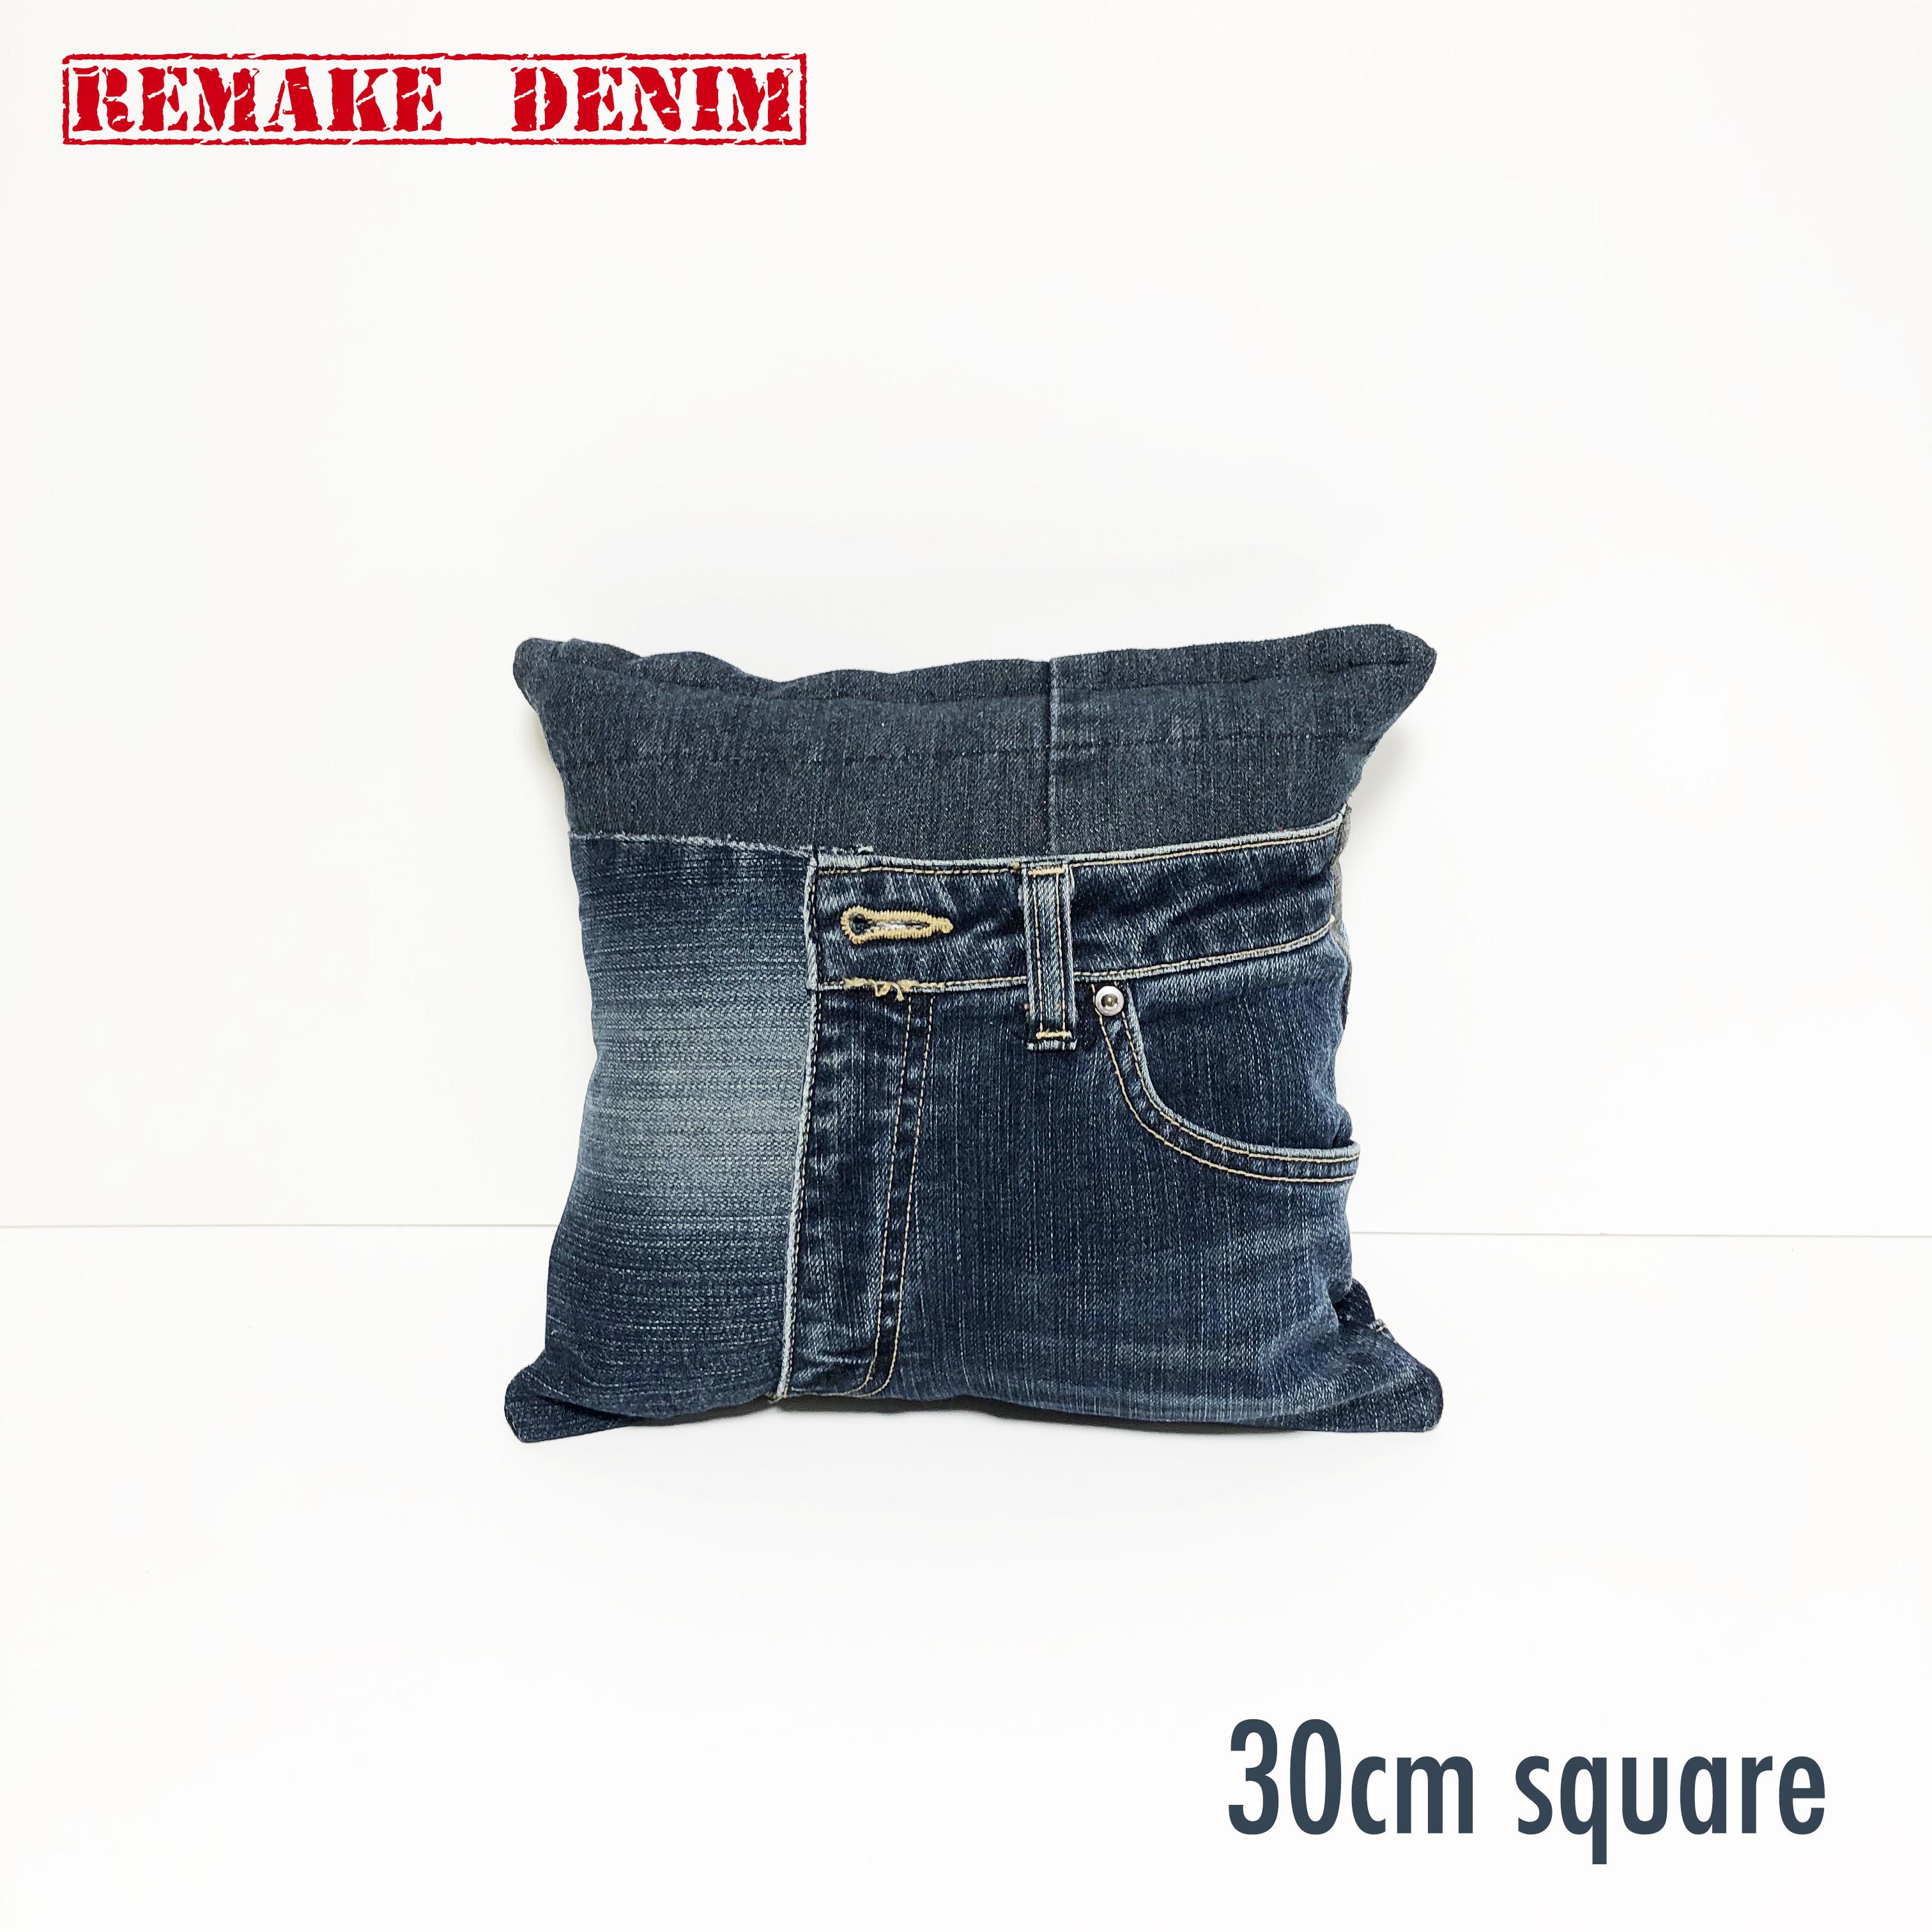 クッションカバー 30cm 正方形 リメイクデニム ジーンズリメイク